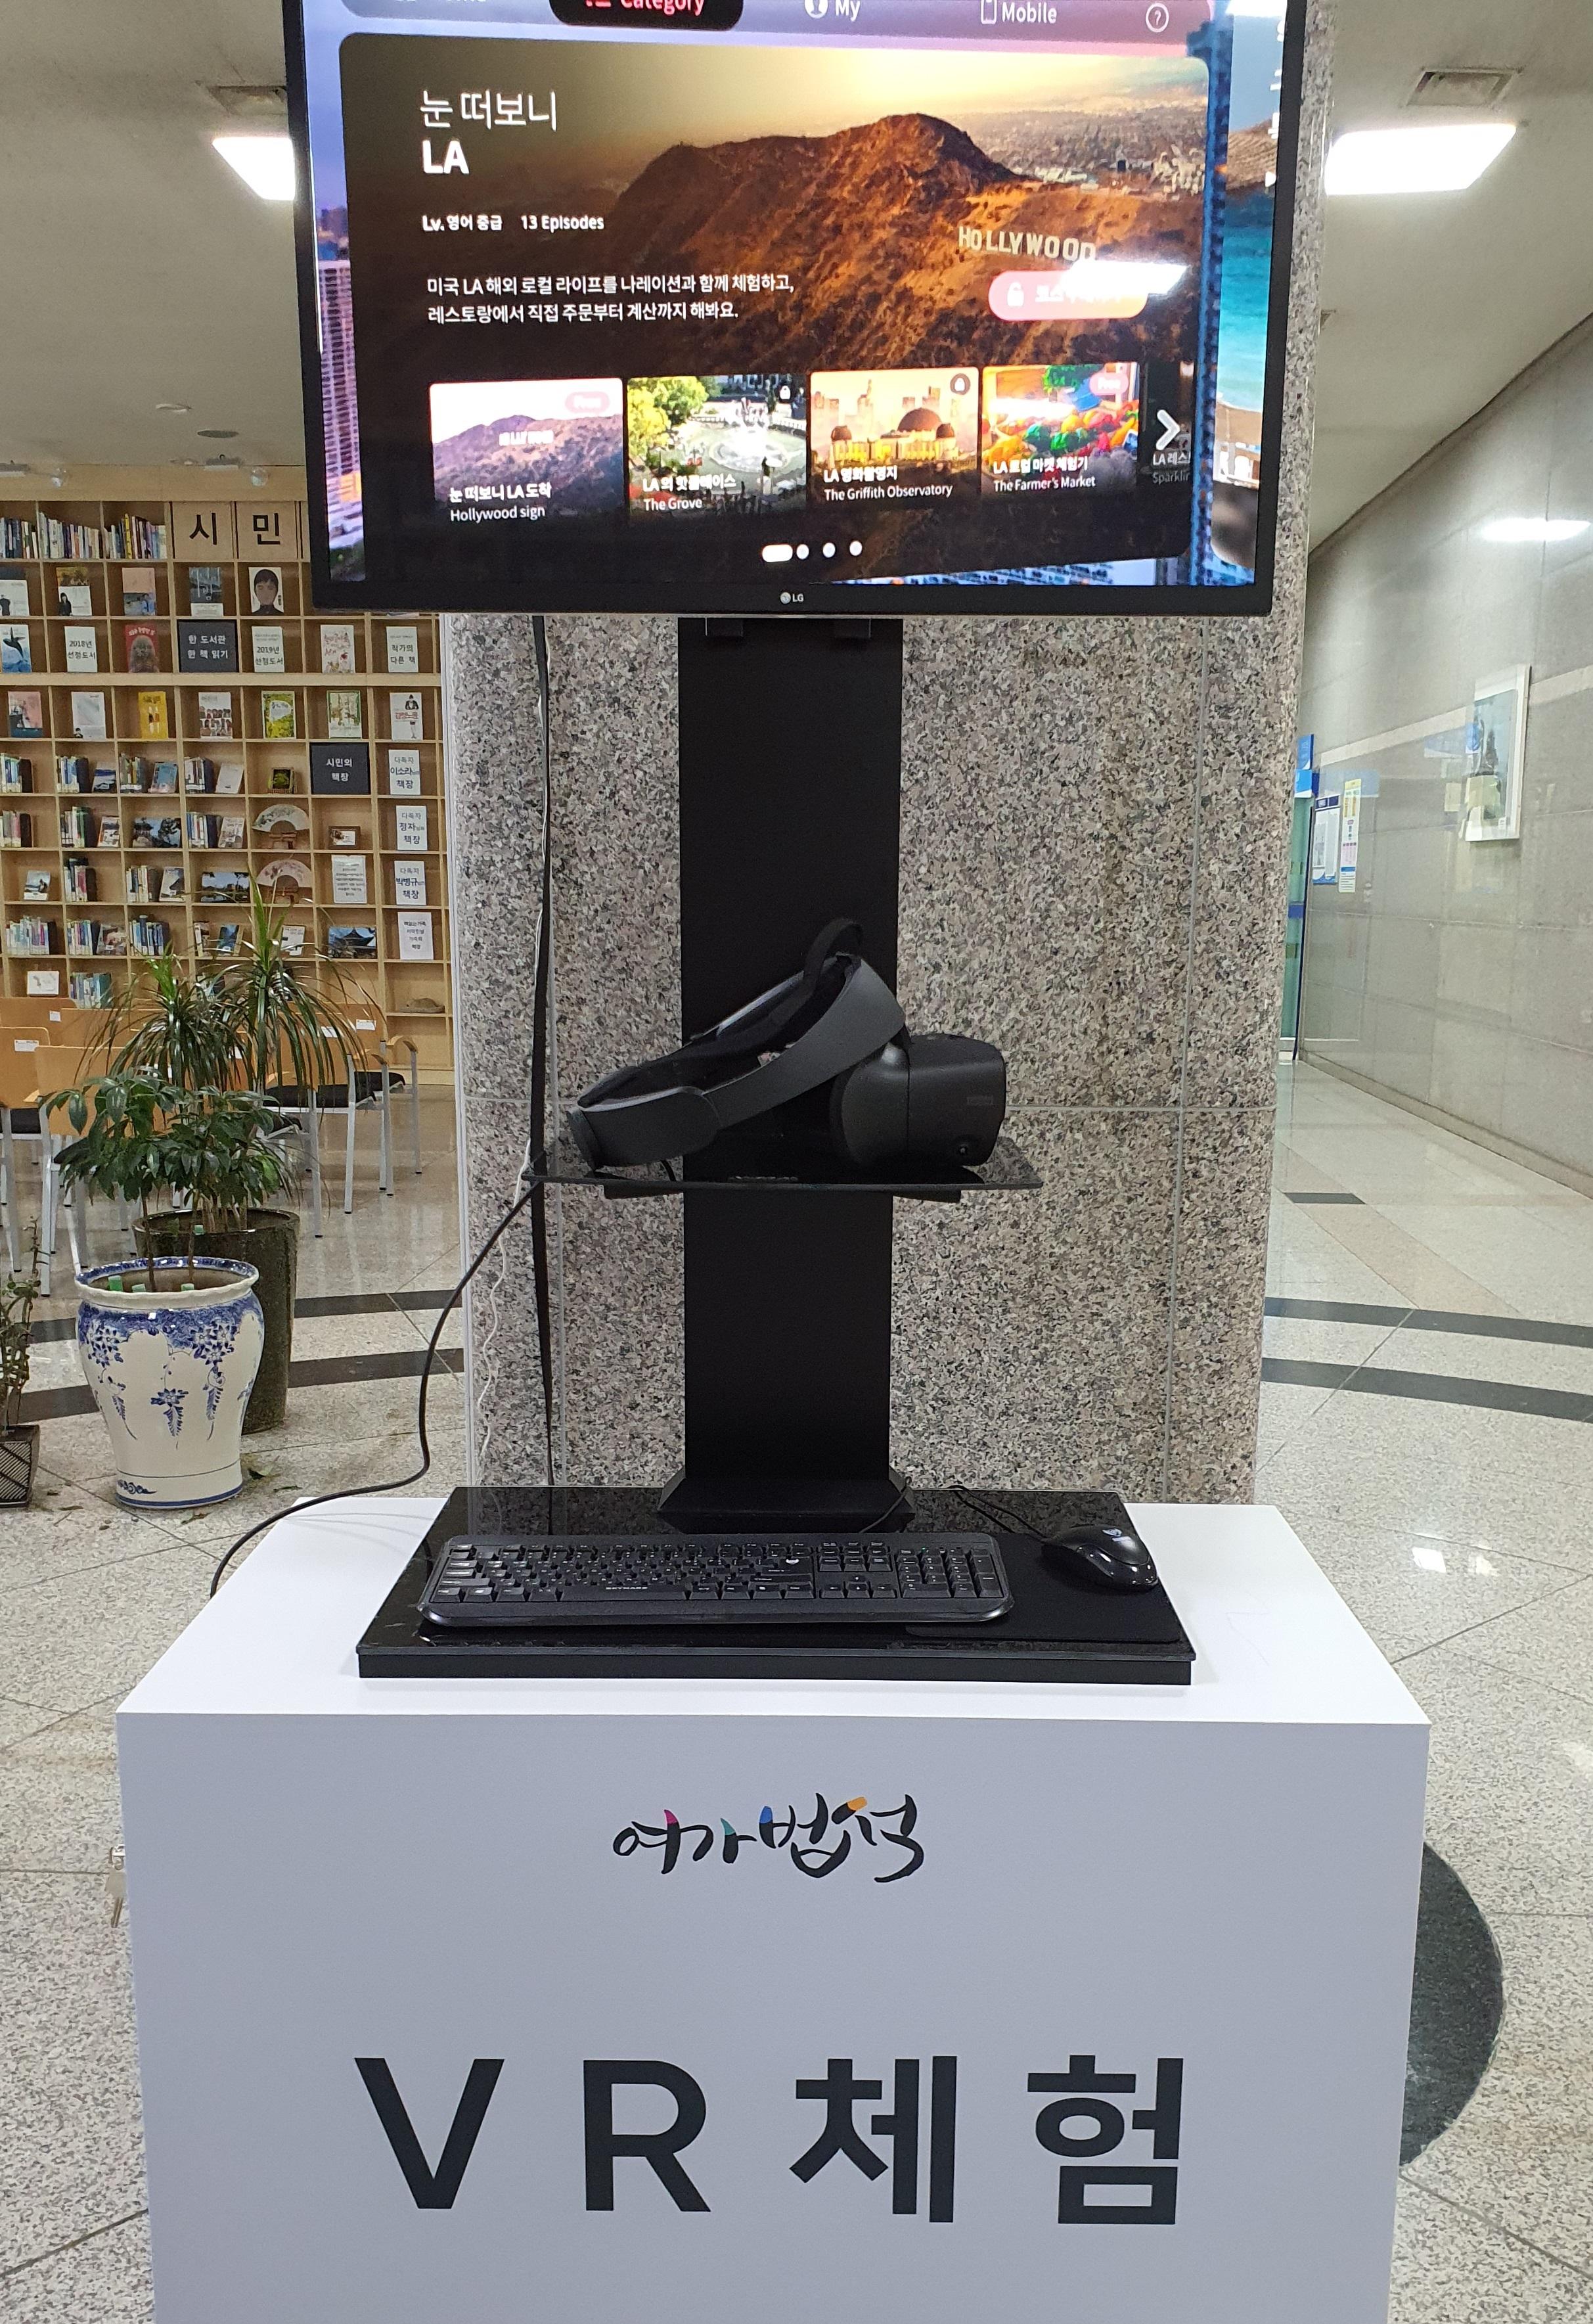 중원도서관 VR 체험코너 개설